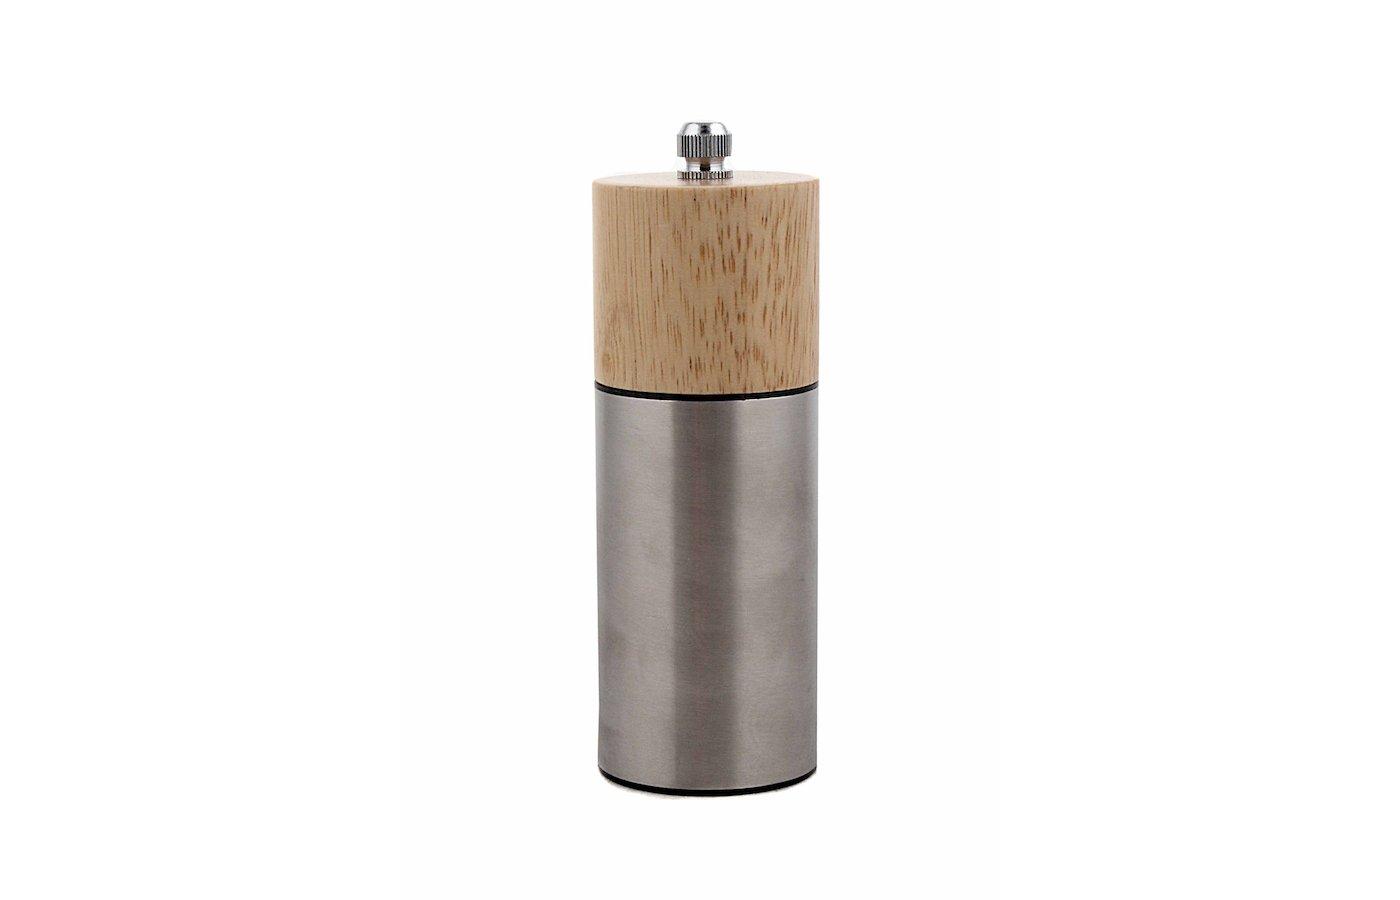 набор для специй VETTA 827-040 Мельница для специй дерево+металл 13см